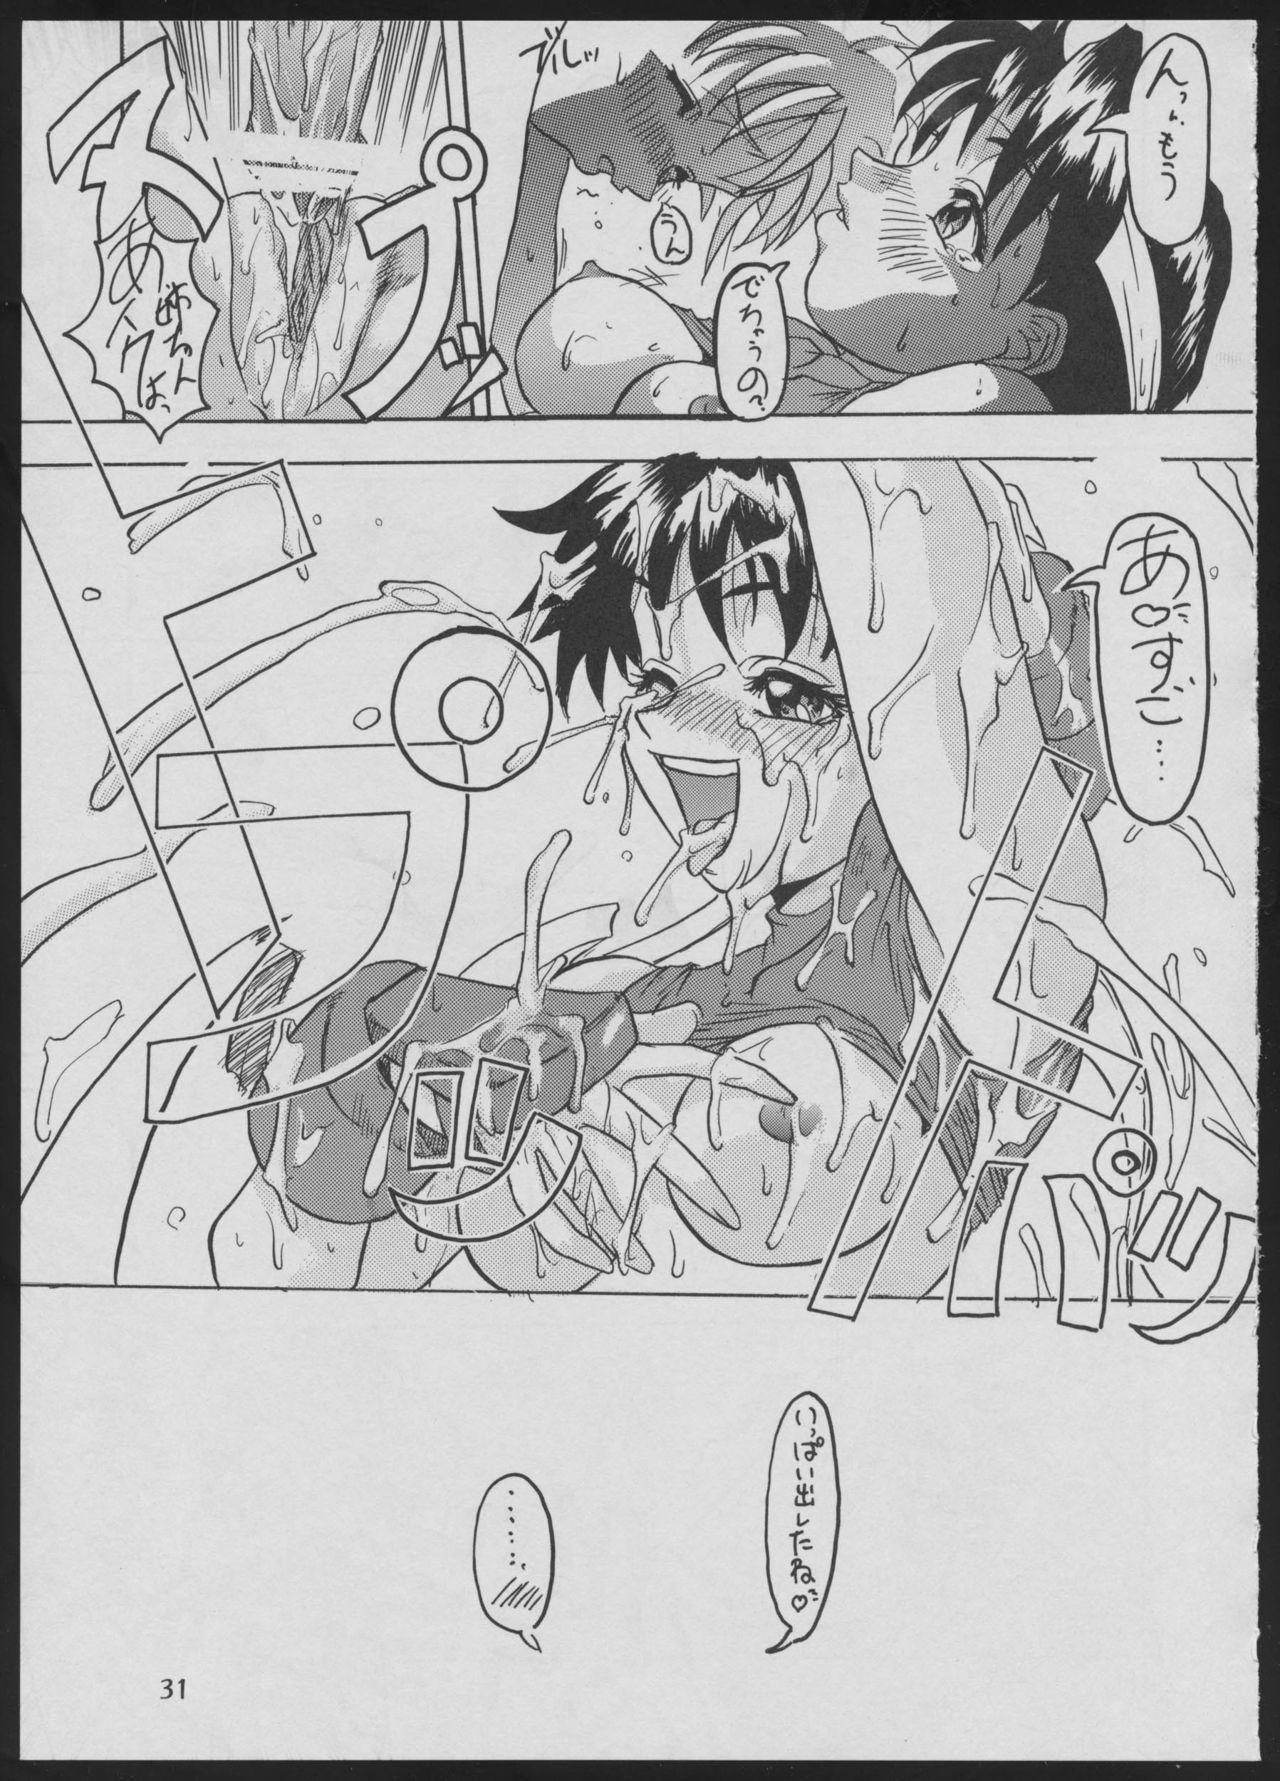 '96 Natsu no Game 18-kin Special 30